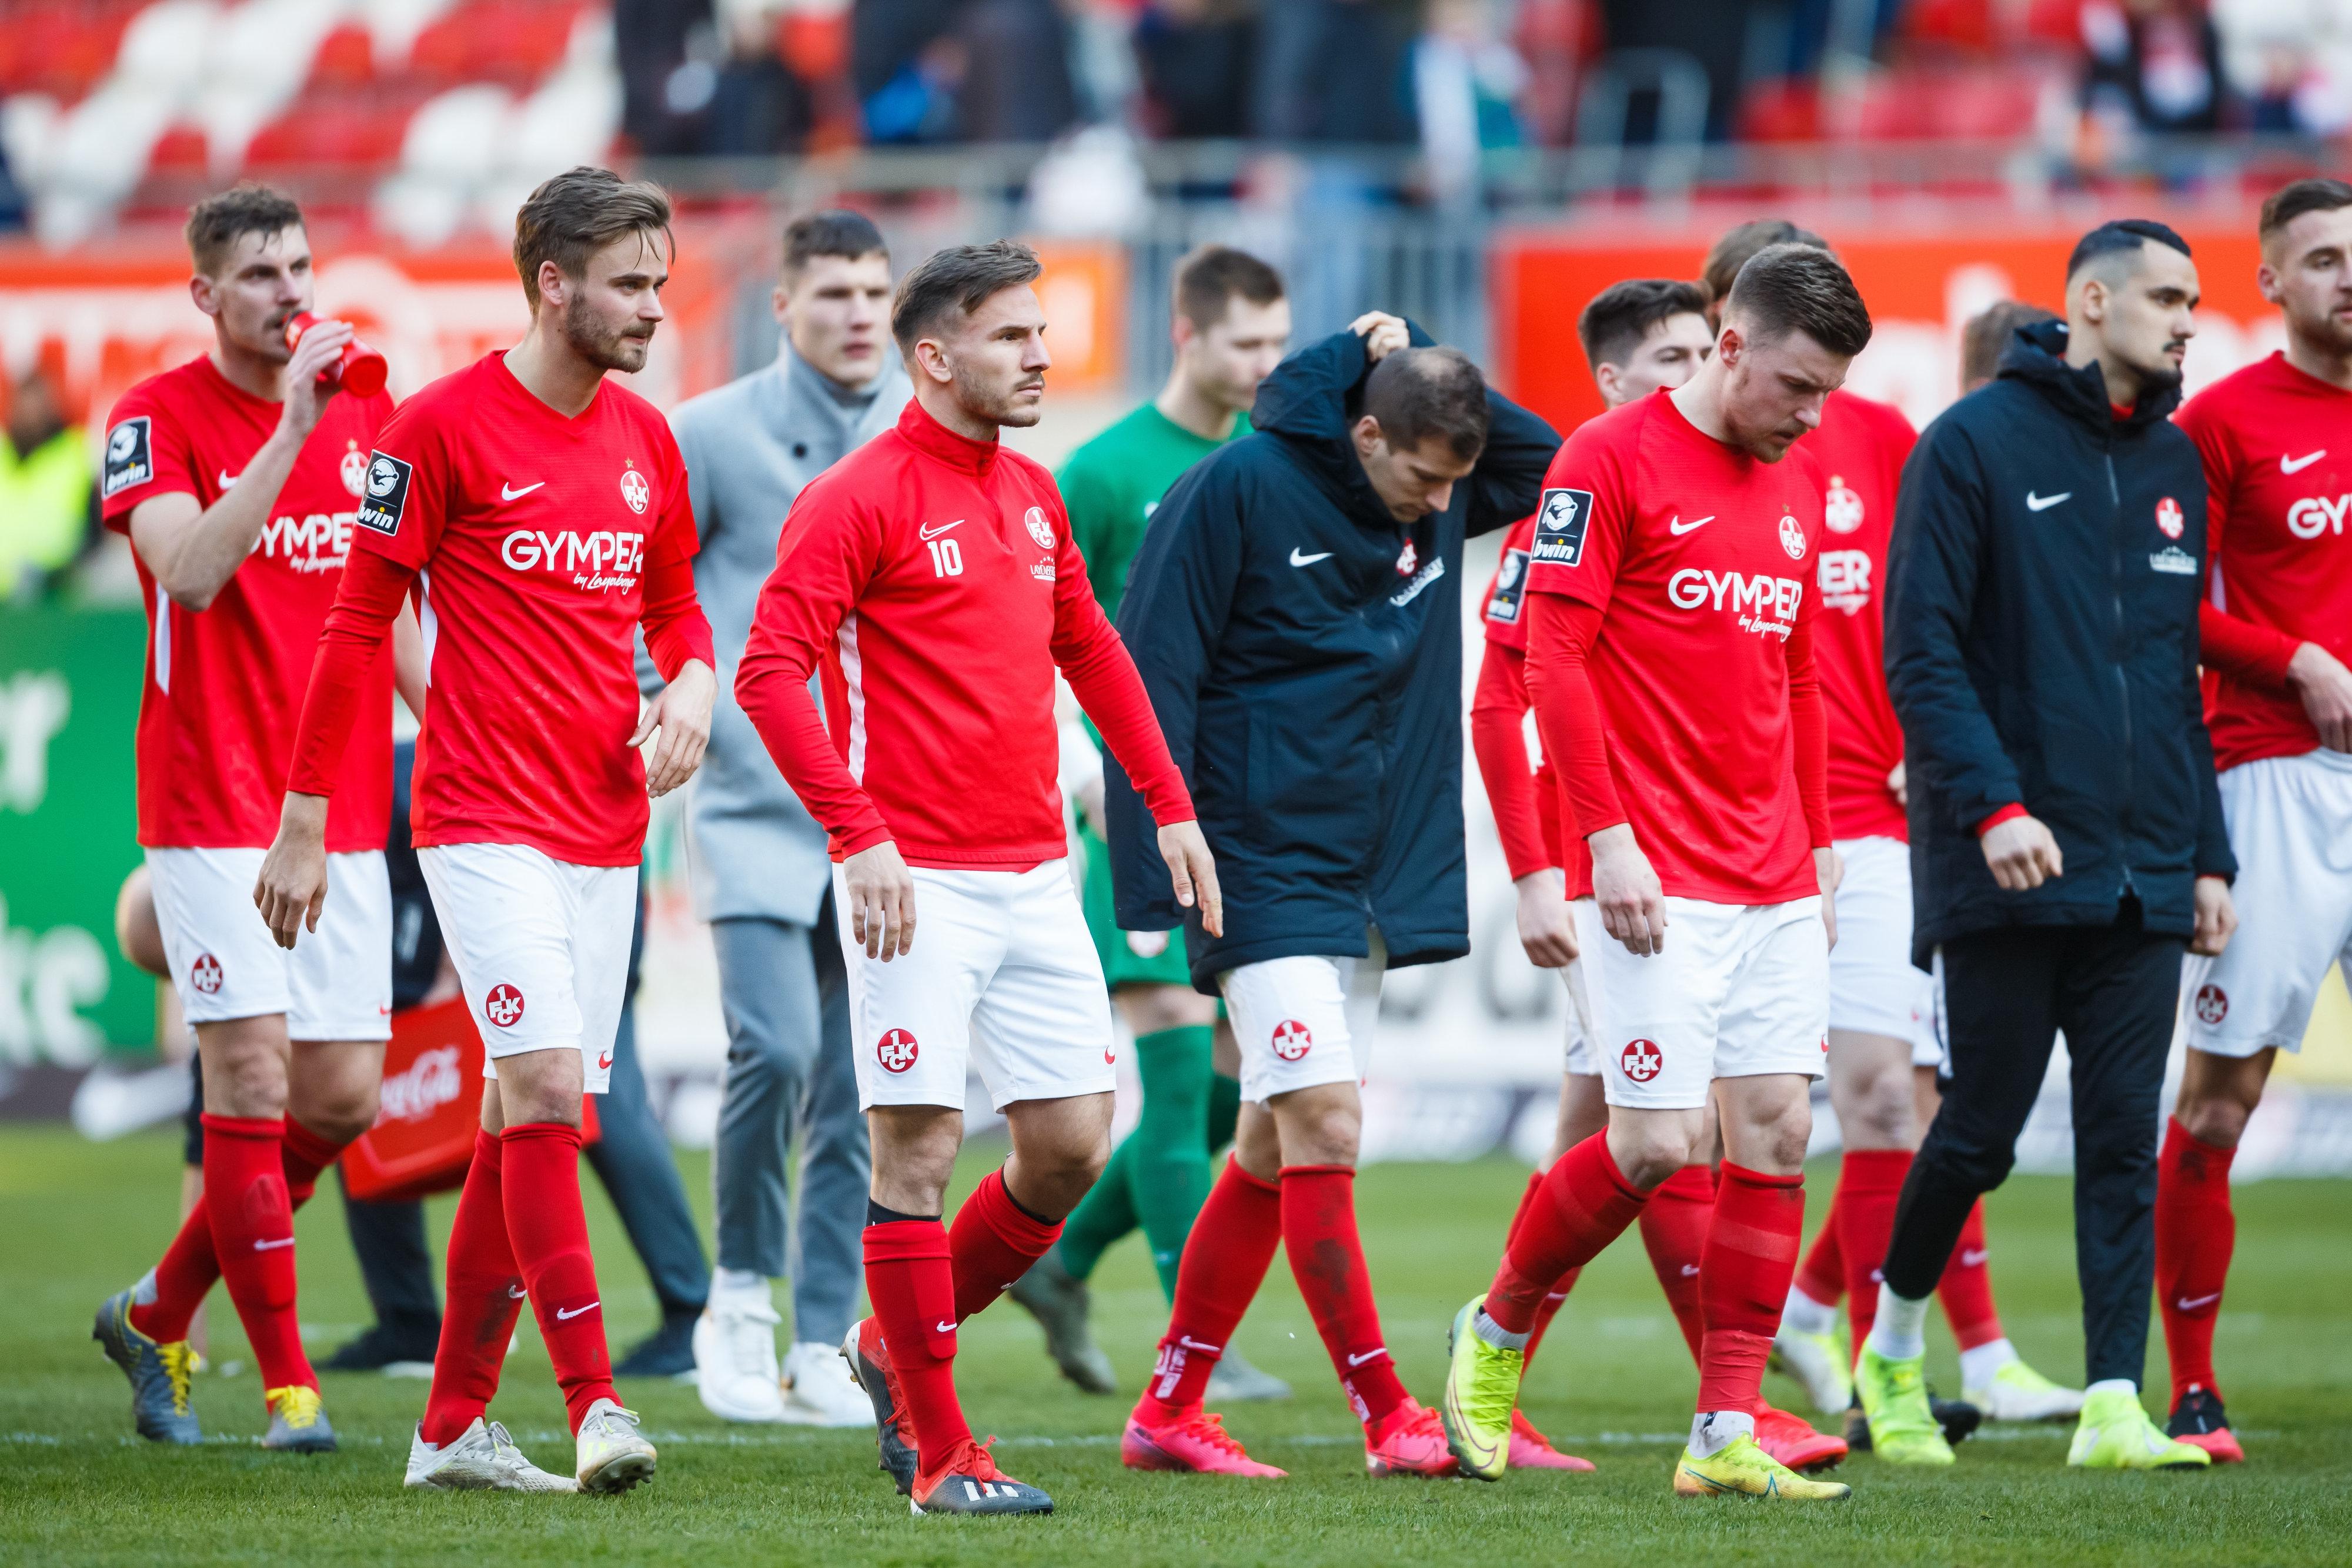 Rote Teufel vom 1.FC Kaiserslautern, Foto: Picture Alliance